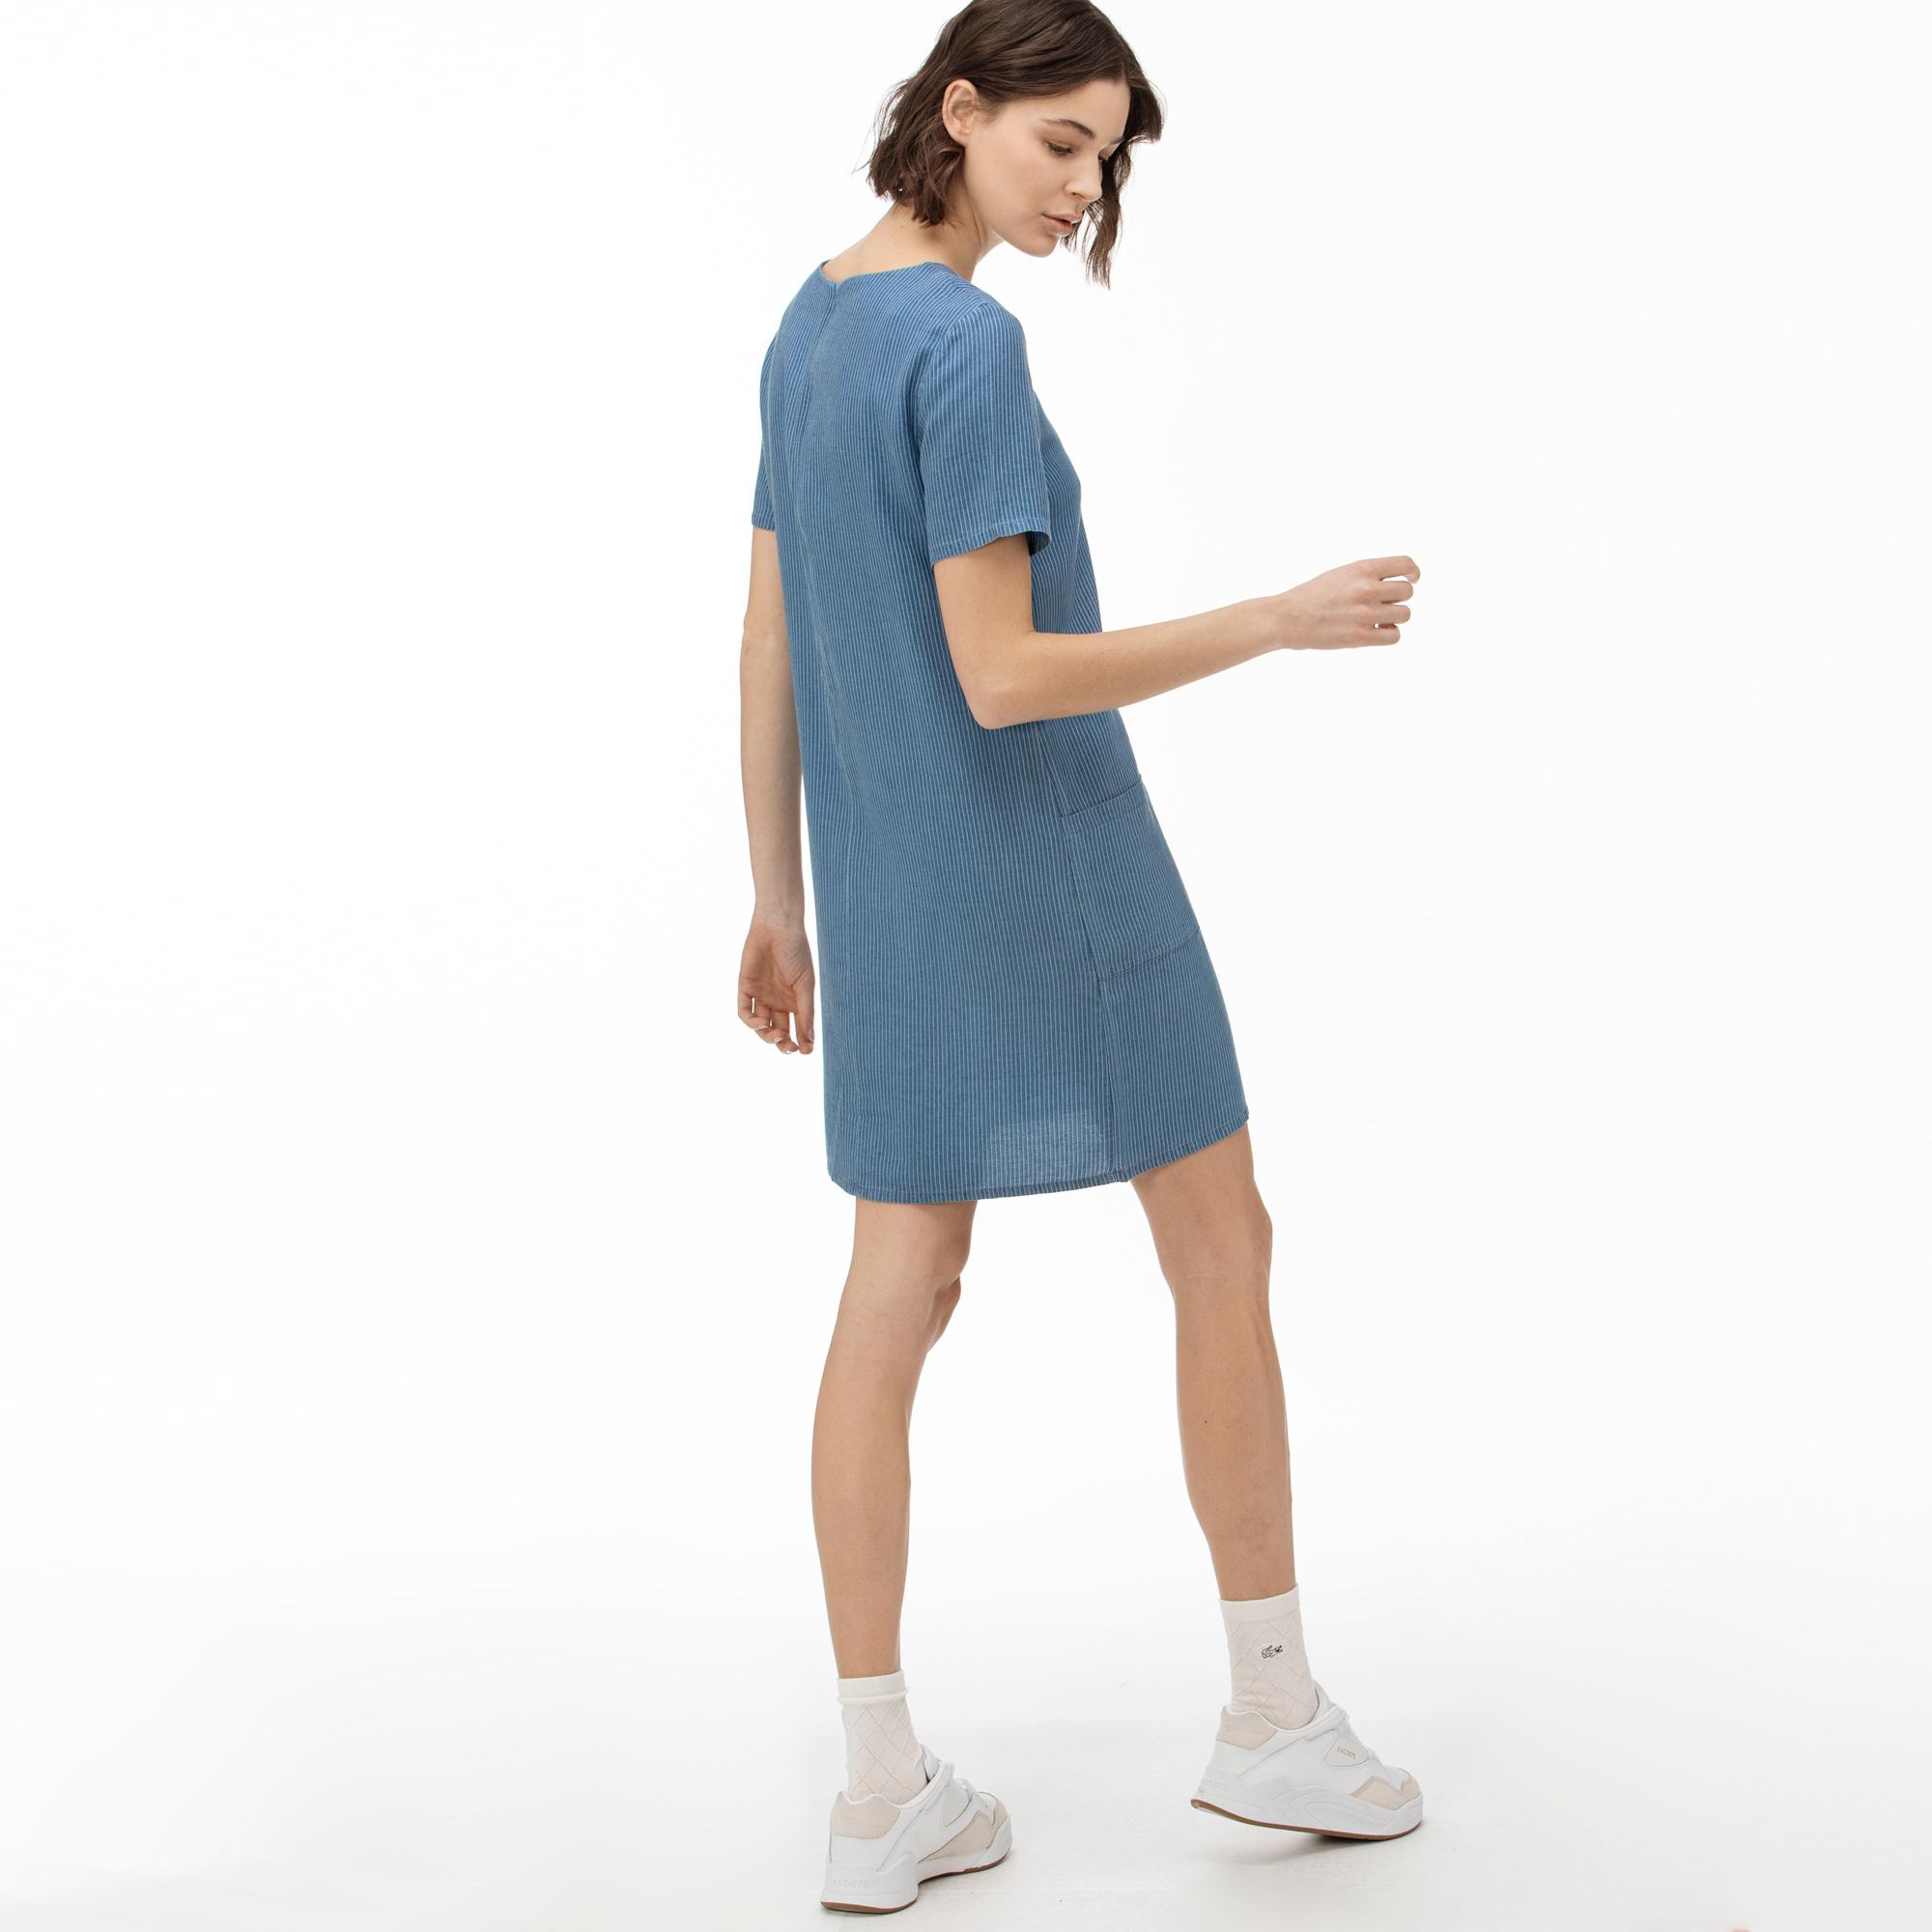 Lacoste Sukienka Damska Z Krótkimi Rękawami İ Okrągłym Wycięciem Pod Szyją